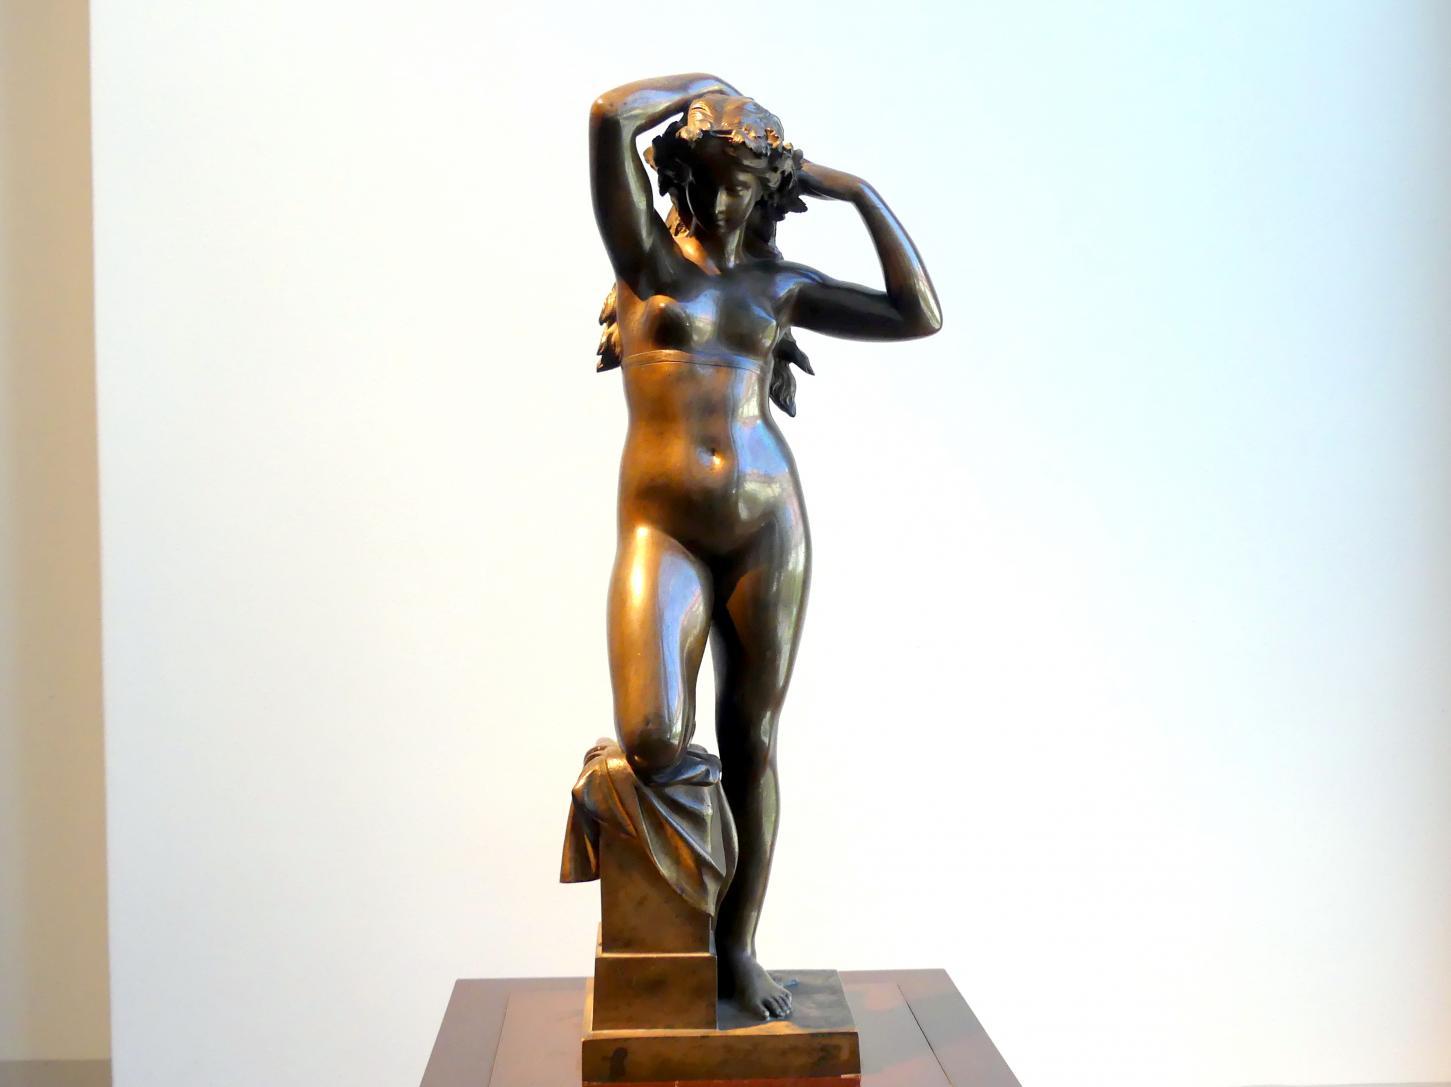 Ernst Julius Hähnel: Bacchantin, 1877